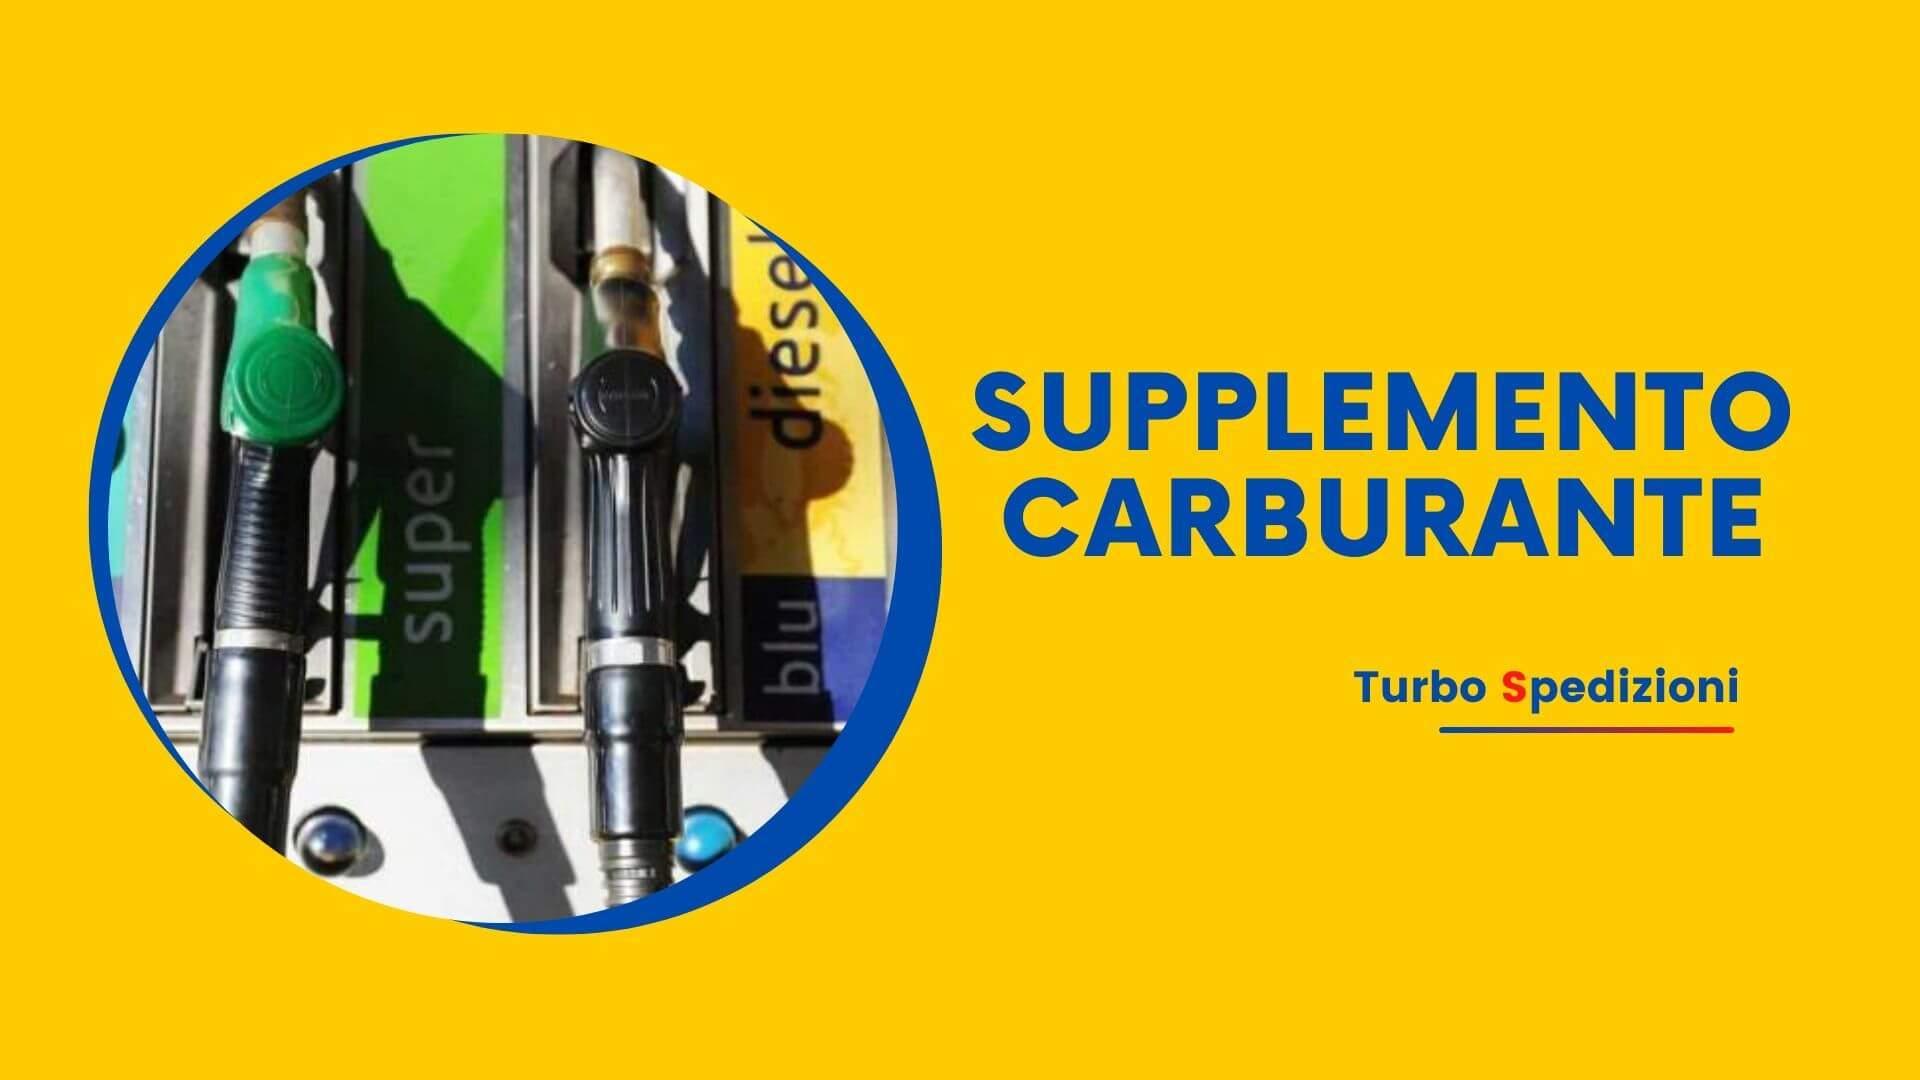 supplemento carburante